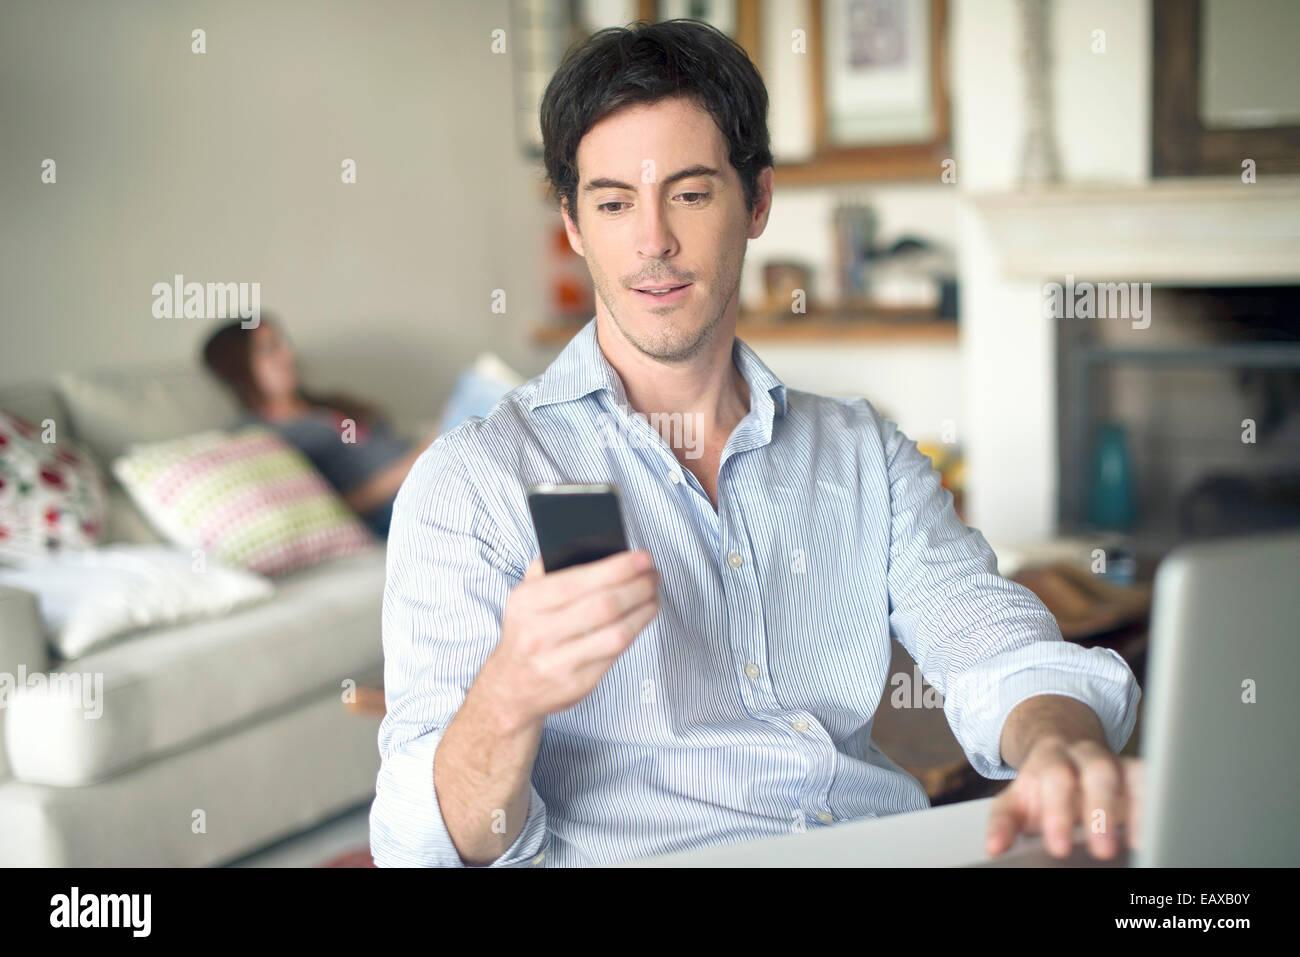 Uomo che guarda un telefono cellulare Immagini Stock